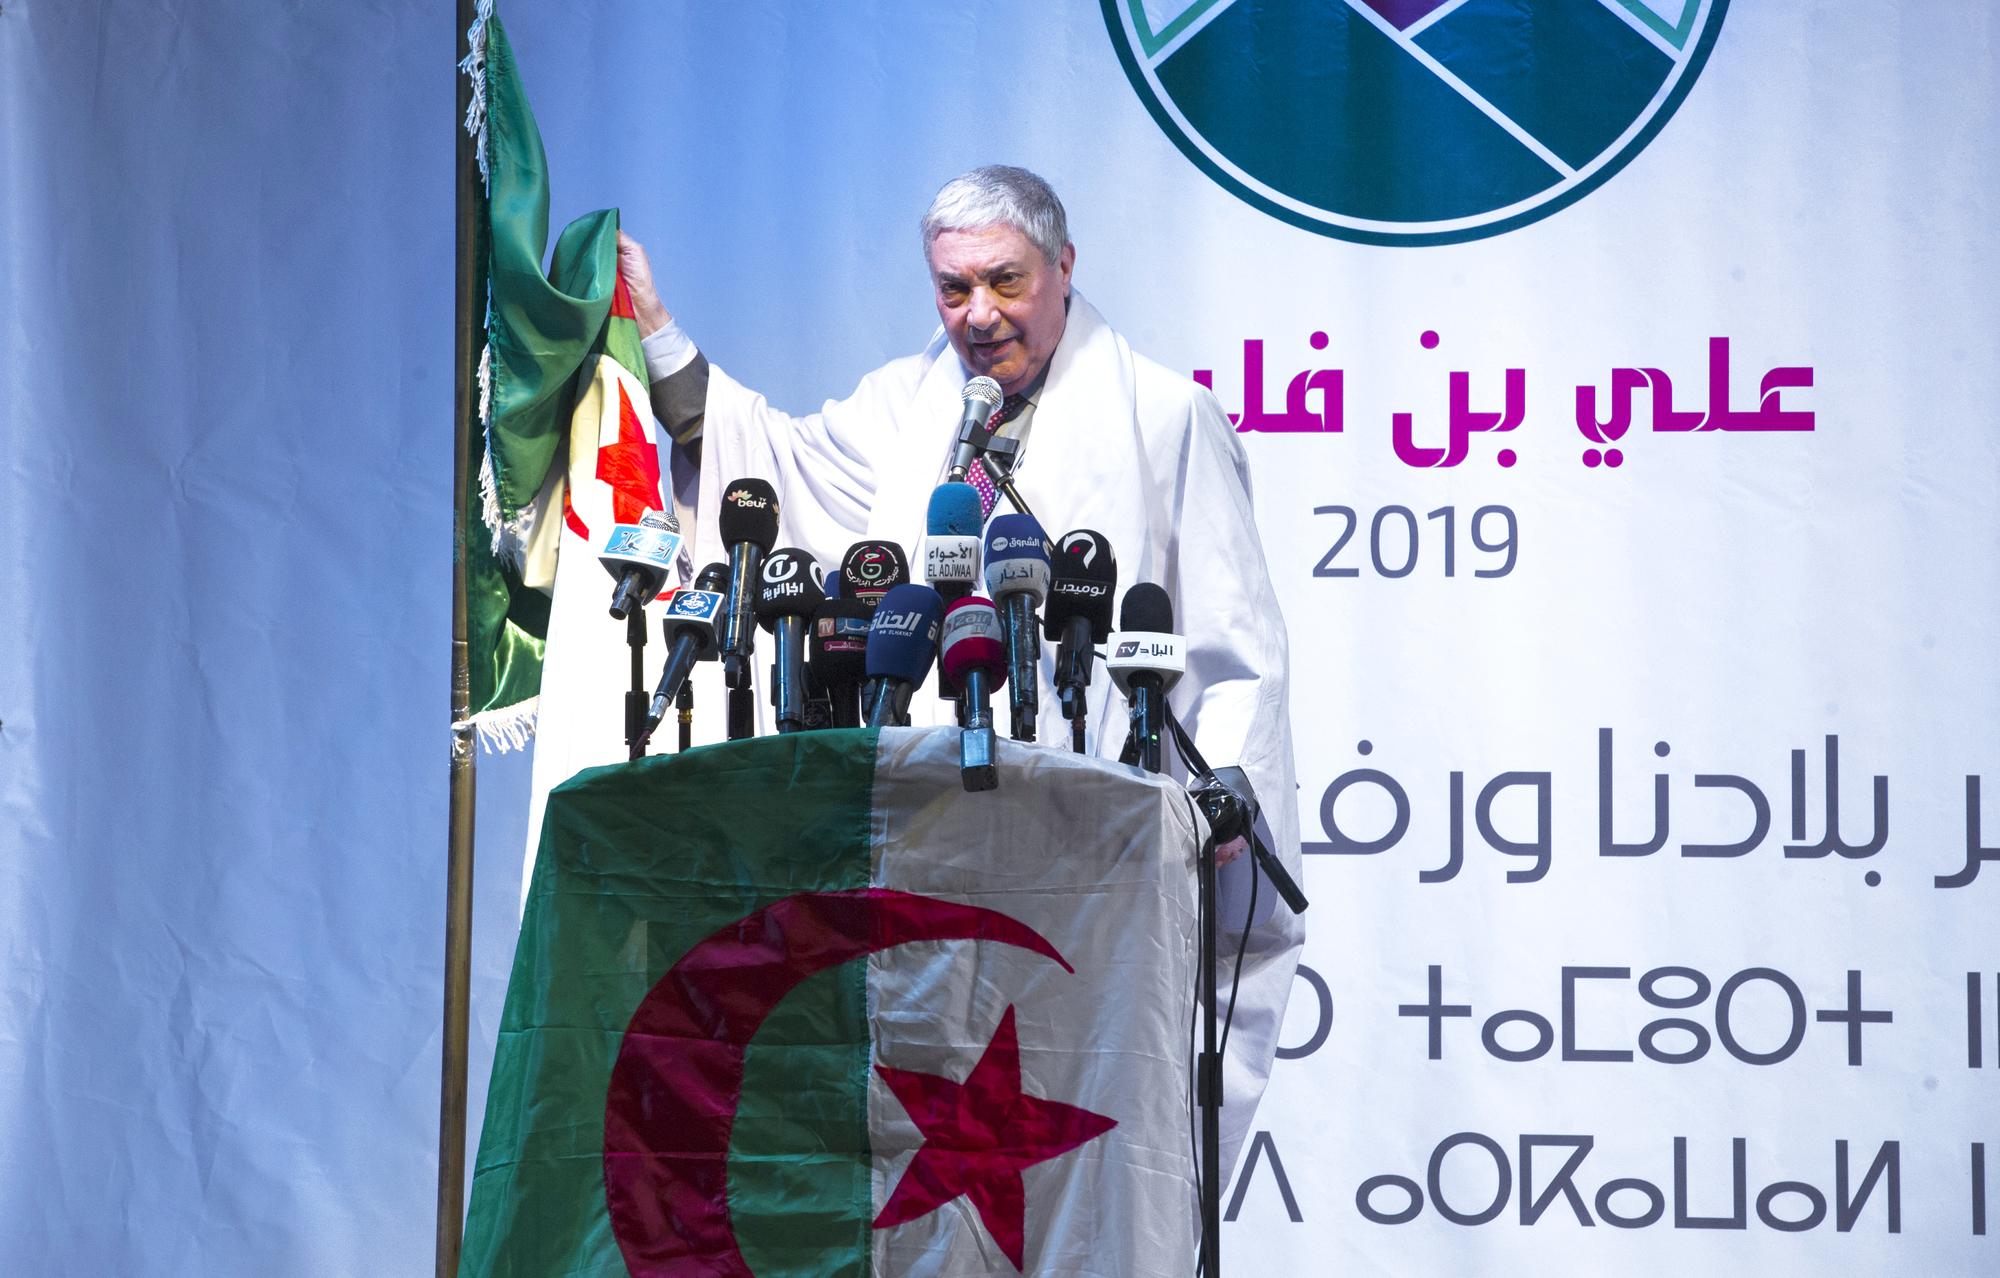 Le candidat Benflis a programmé trente-six meetings,à raison de deux par jour.